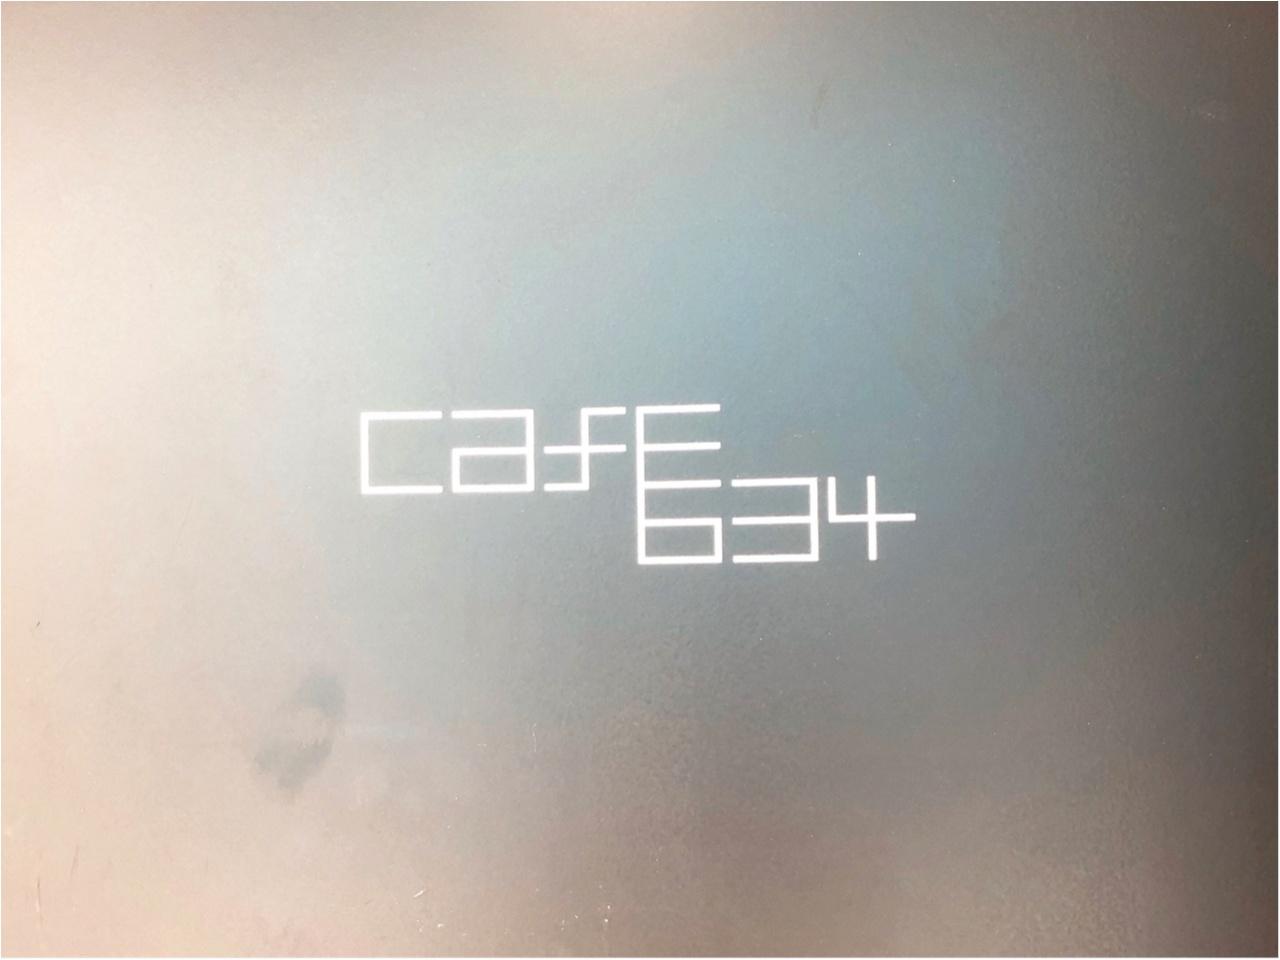 【銀座カフェ】小倉あんバタートースト+コーヒーが550円で食べられるお得モーニング!!_2